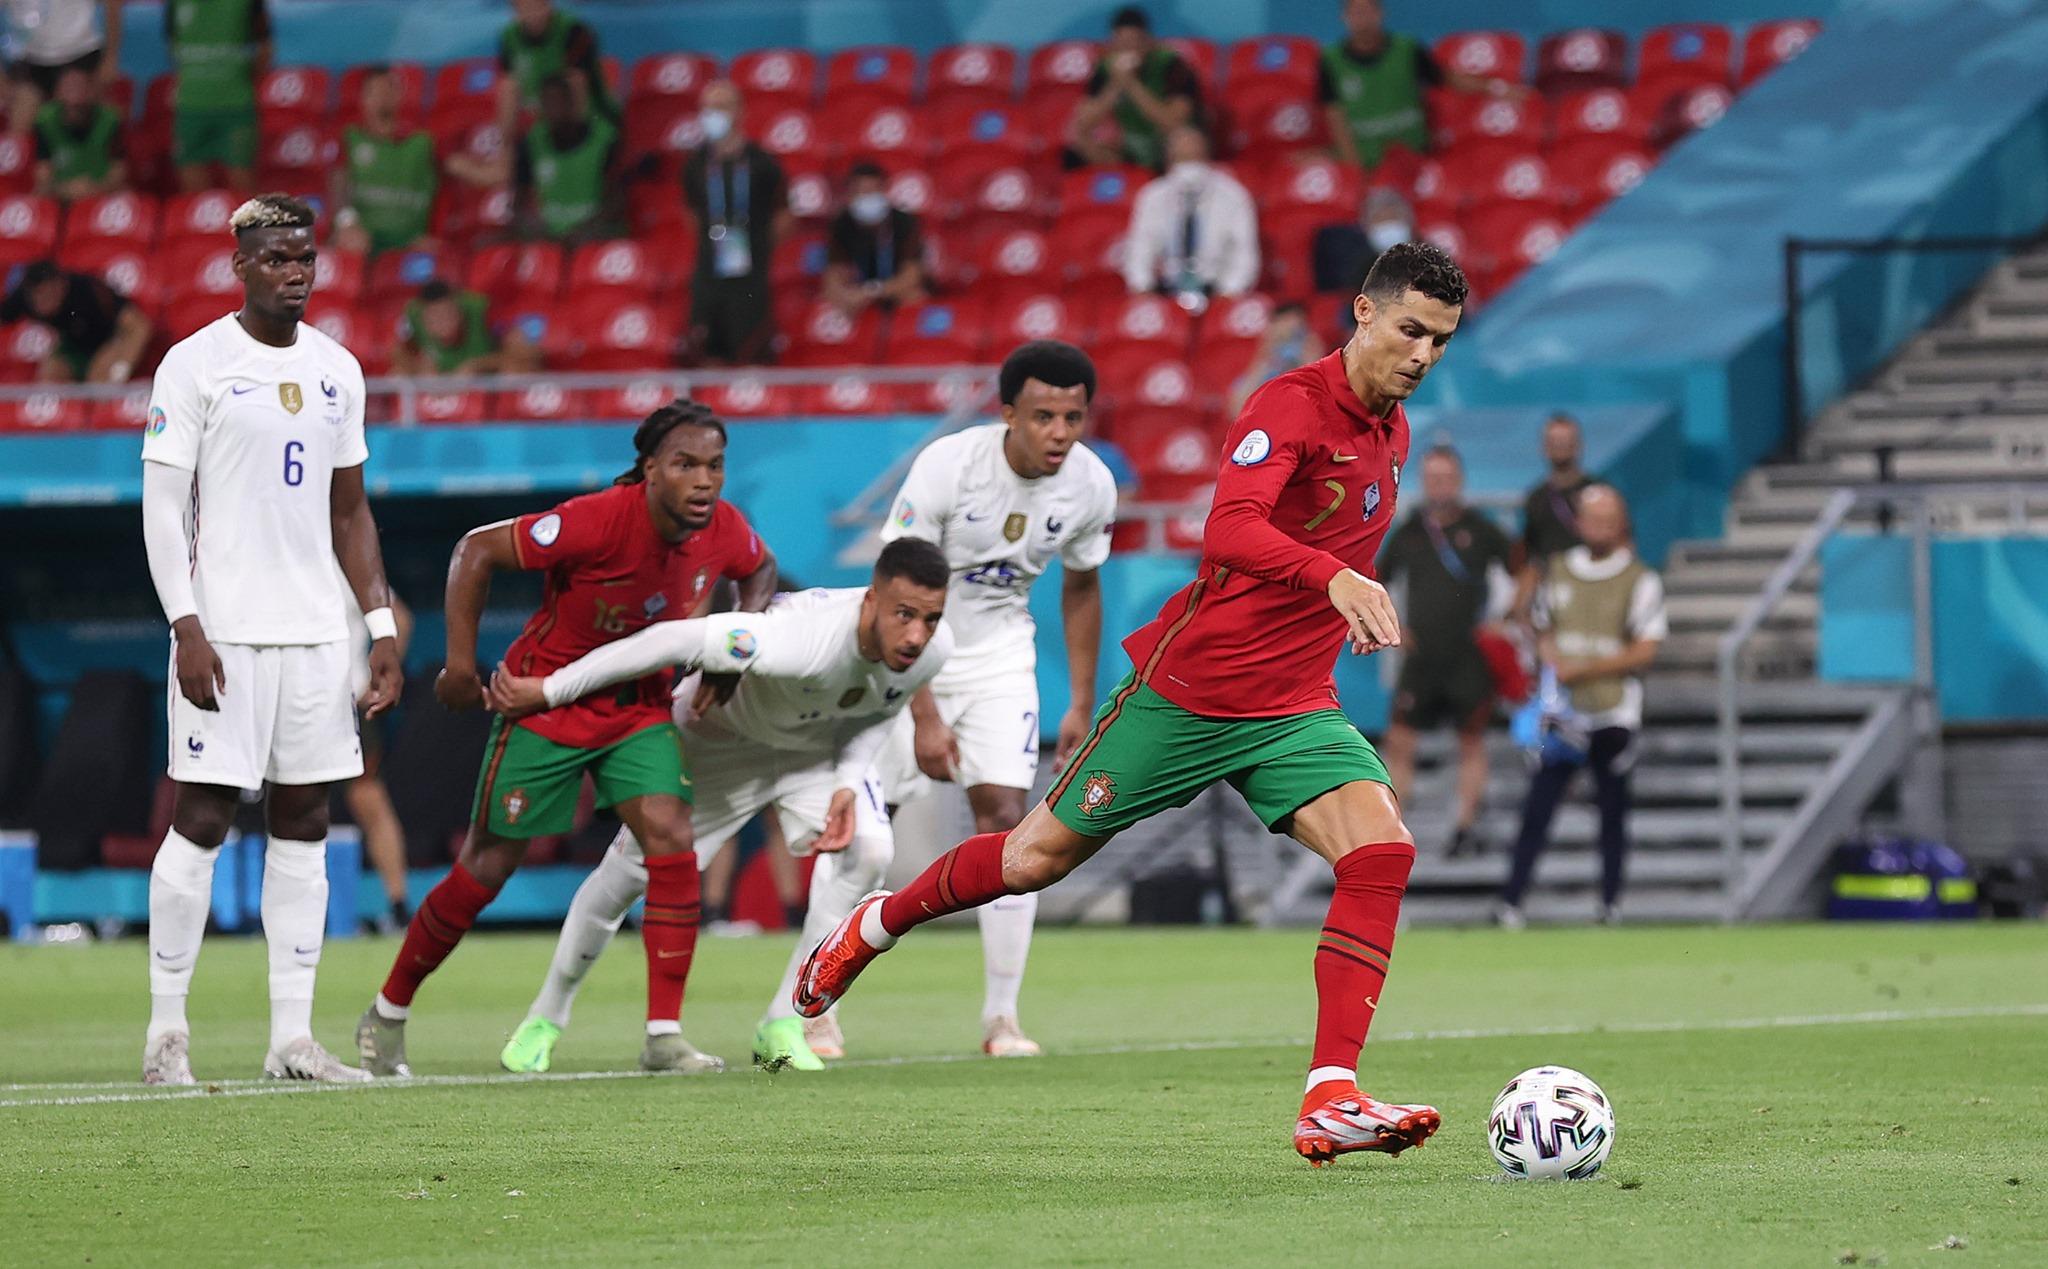 كأس أوروبا: رونالدو يعادل الرقم القياسي في عدد الاهداف الدولية للإيراني علي دائي